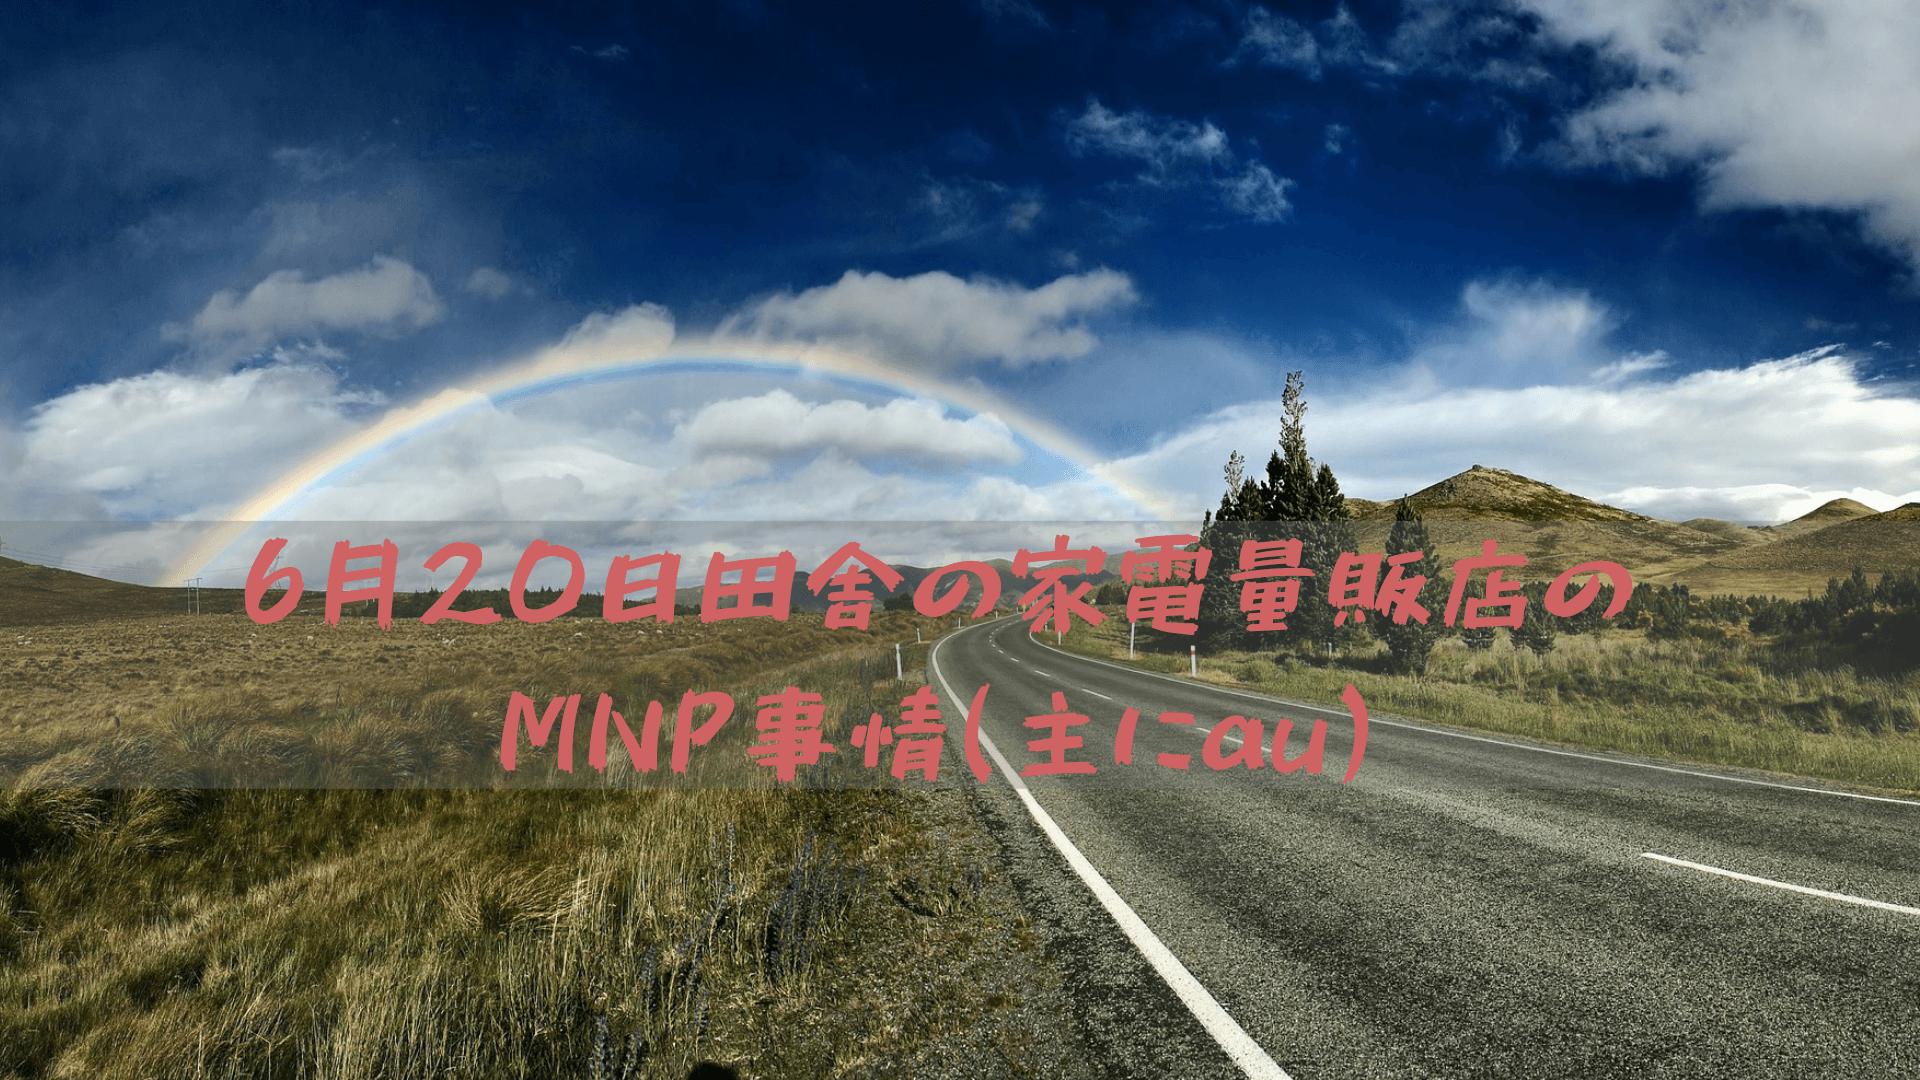 6月20日田舎の家電量販店のMNP事情(主にau)